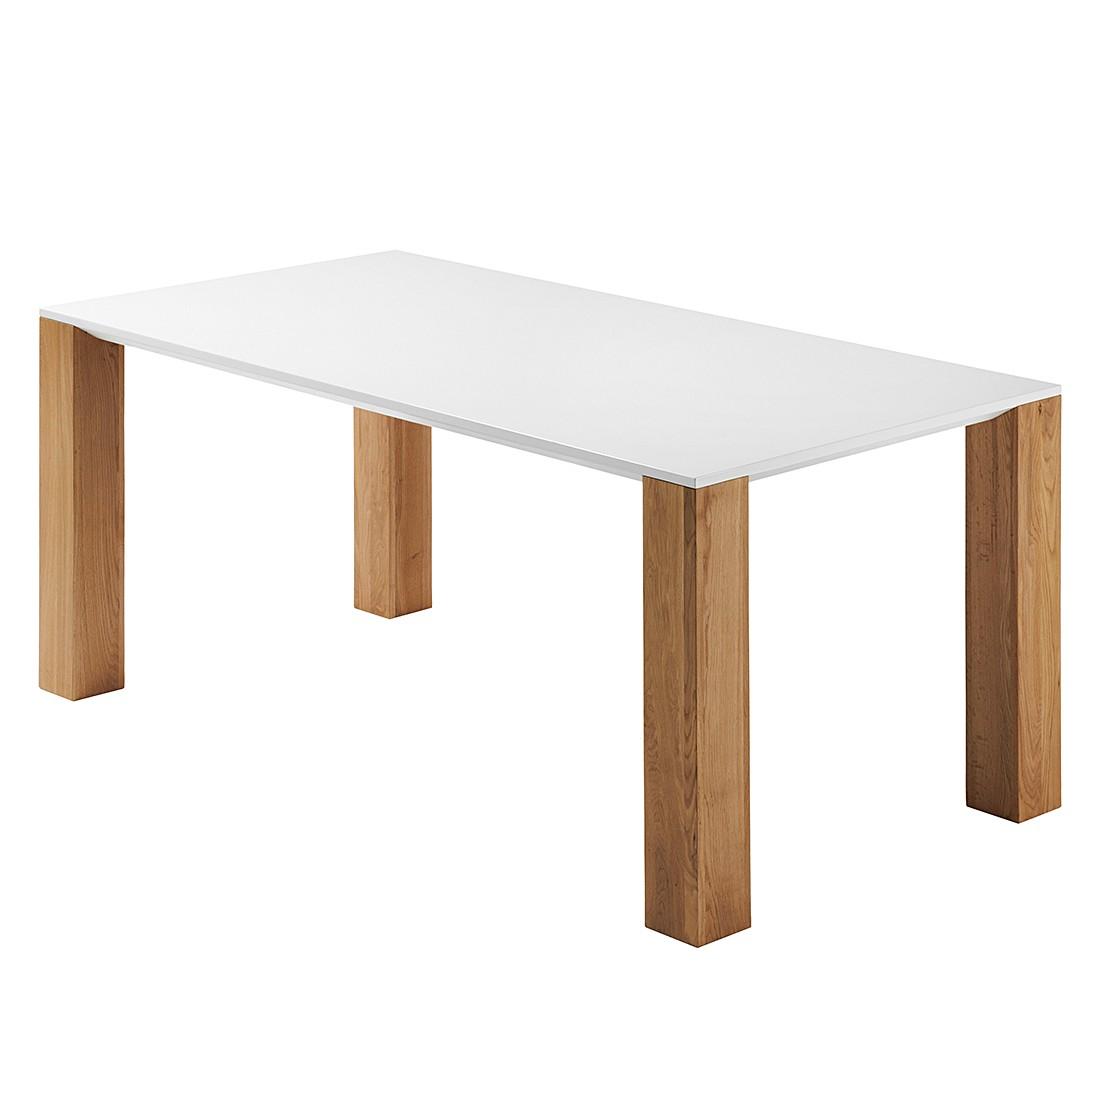 Table à manger Janoah - Chêne partiellement massif Blanc / Naturel, loftscape